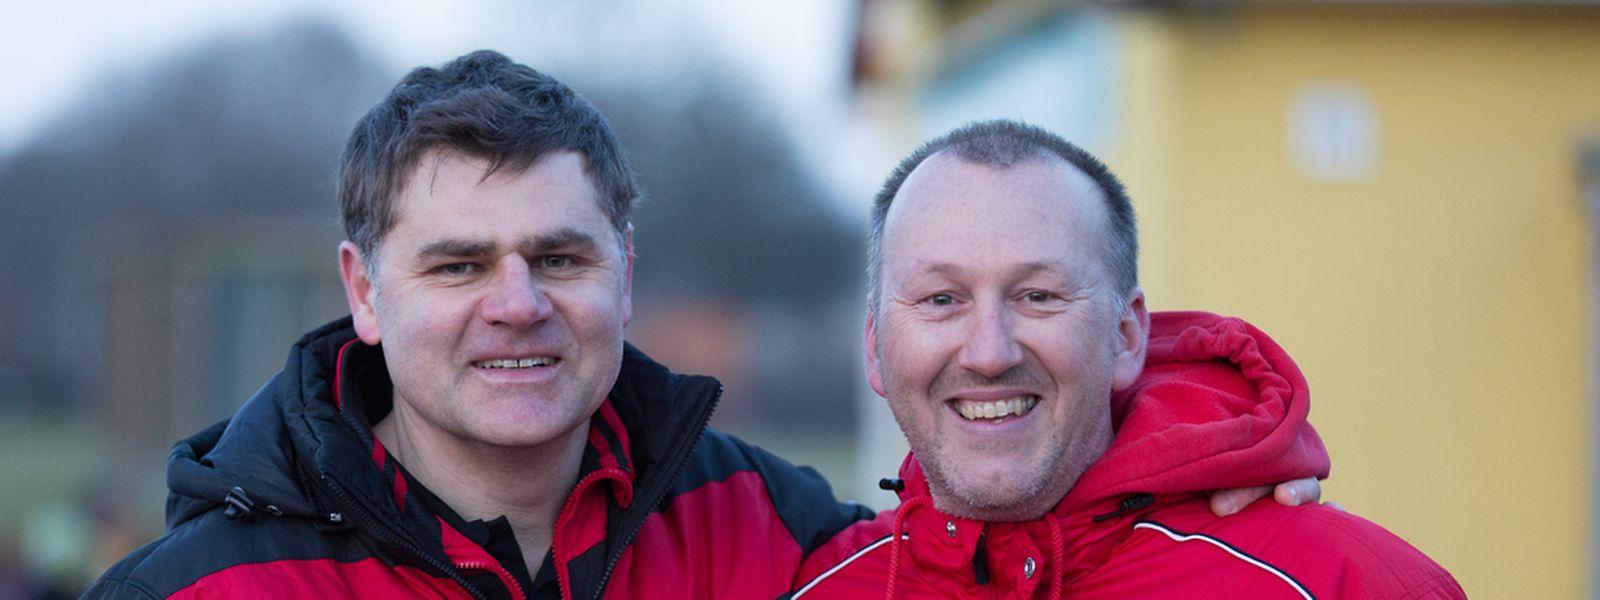 En perfectionniste, Marc Birsens (à gauche) aurait souhaité une victoire encore plus nette